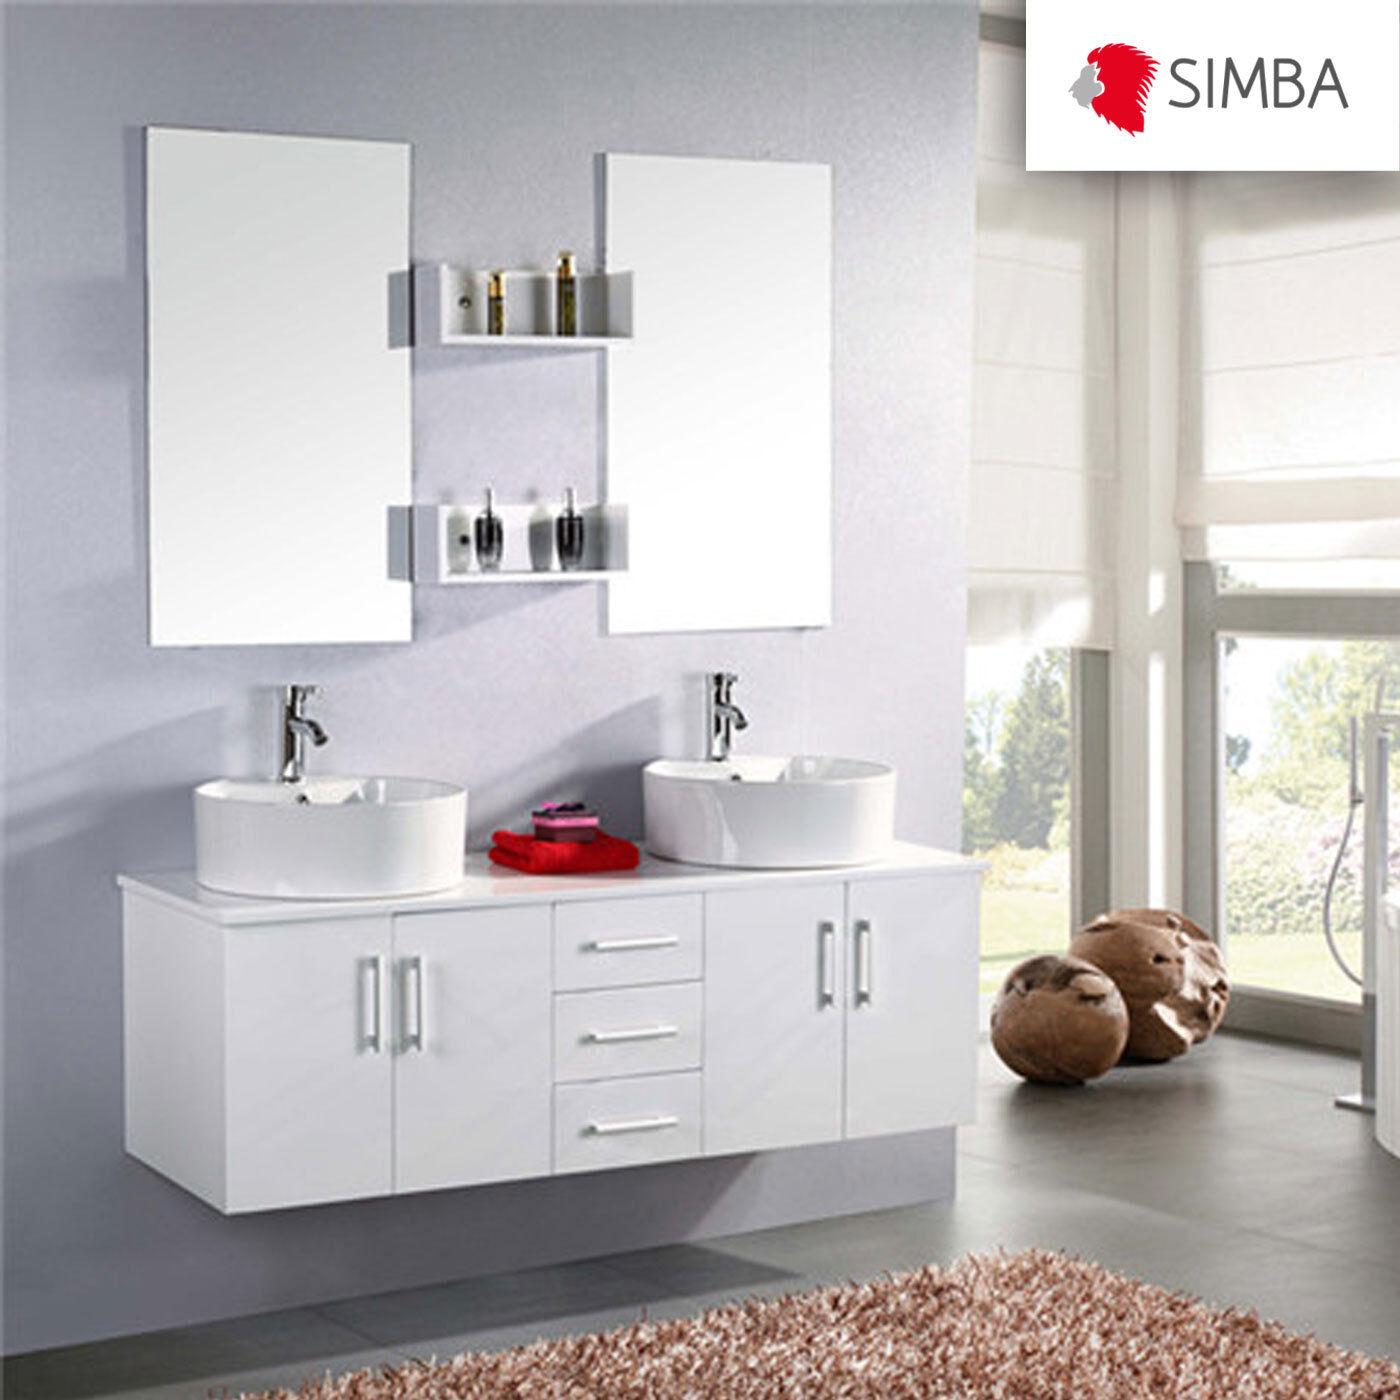 Muebles de baño 150 cm, armario de baño, doble fregadero, Espejo, grifos incluido WL